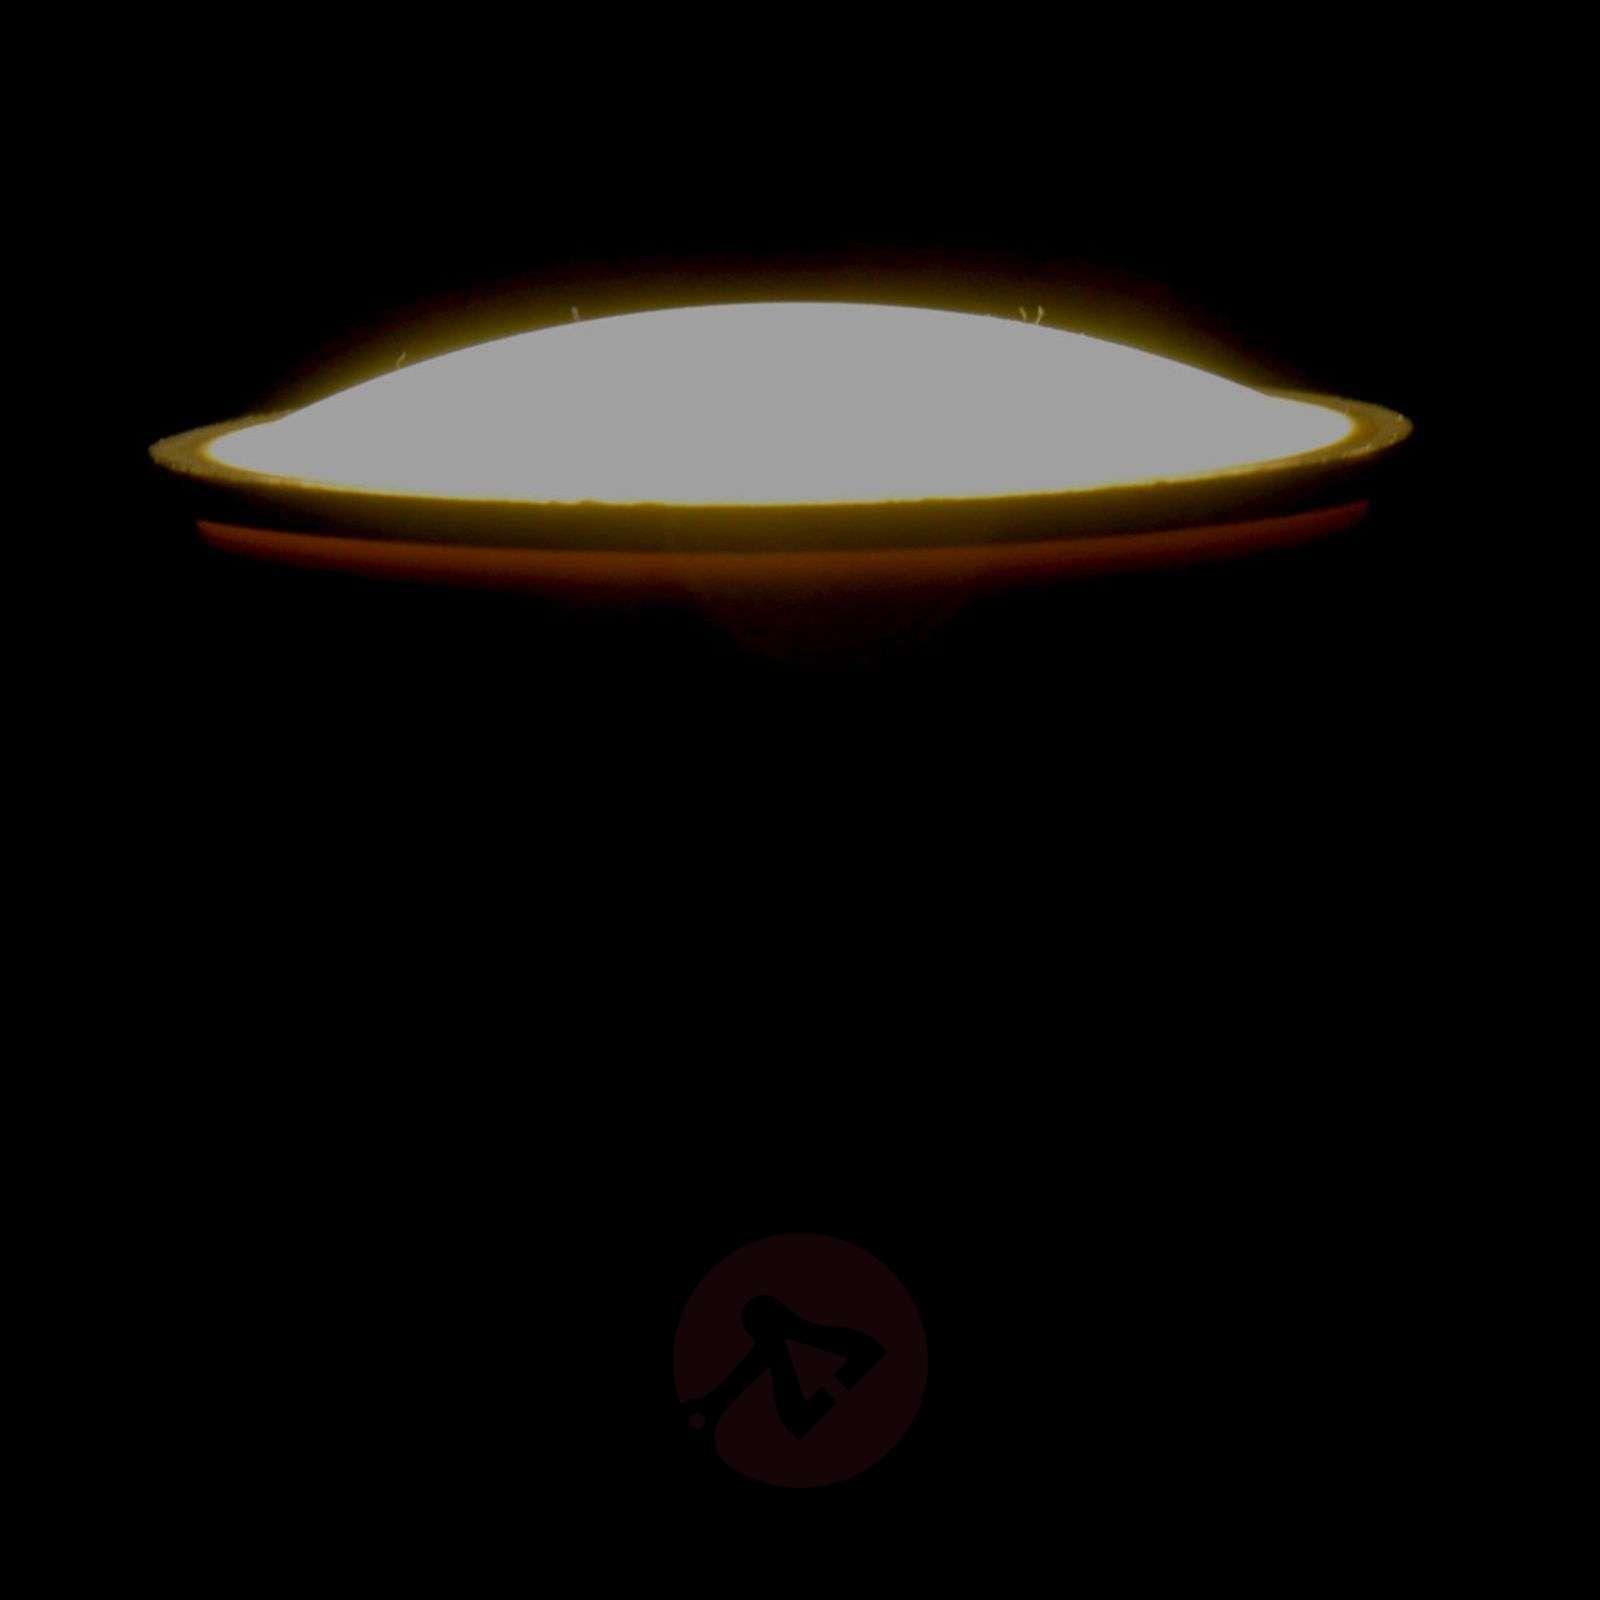 GU10 5W 830 LED reflector bulb 120degree, Easydim-1558087-01